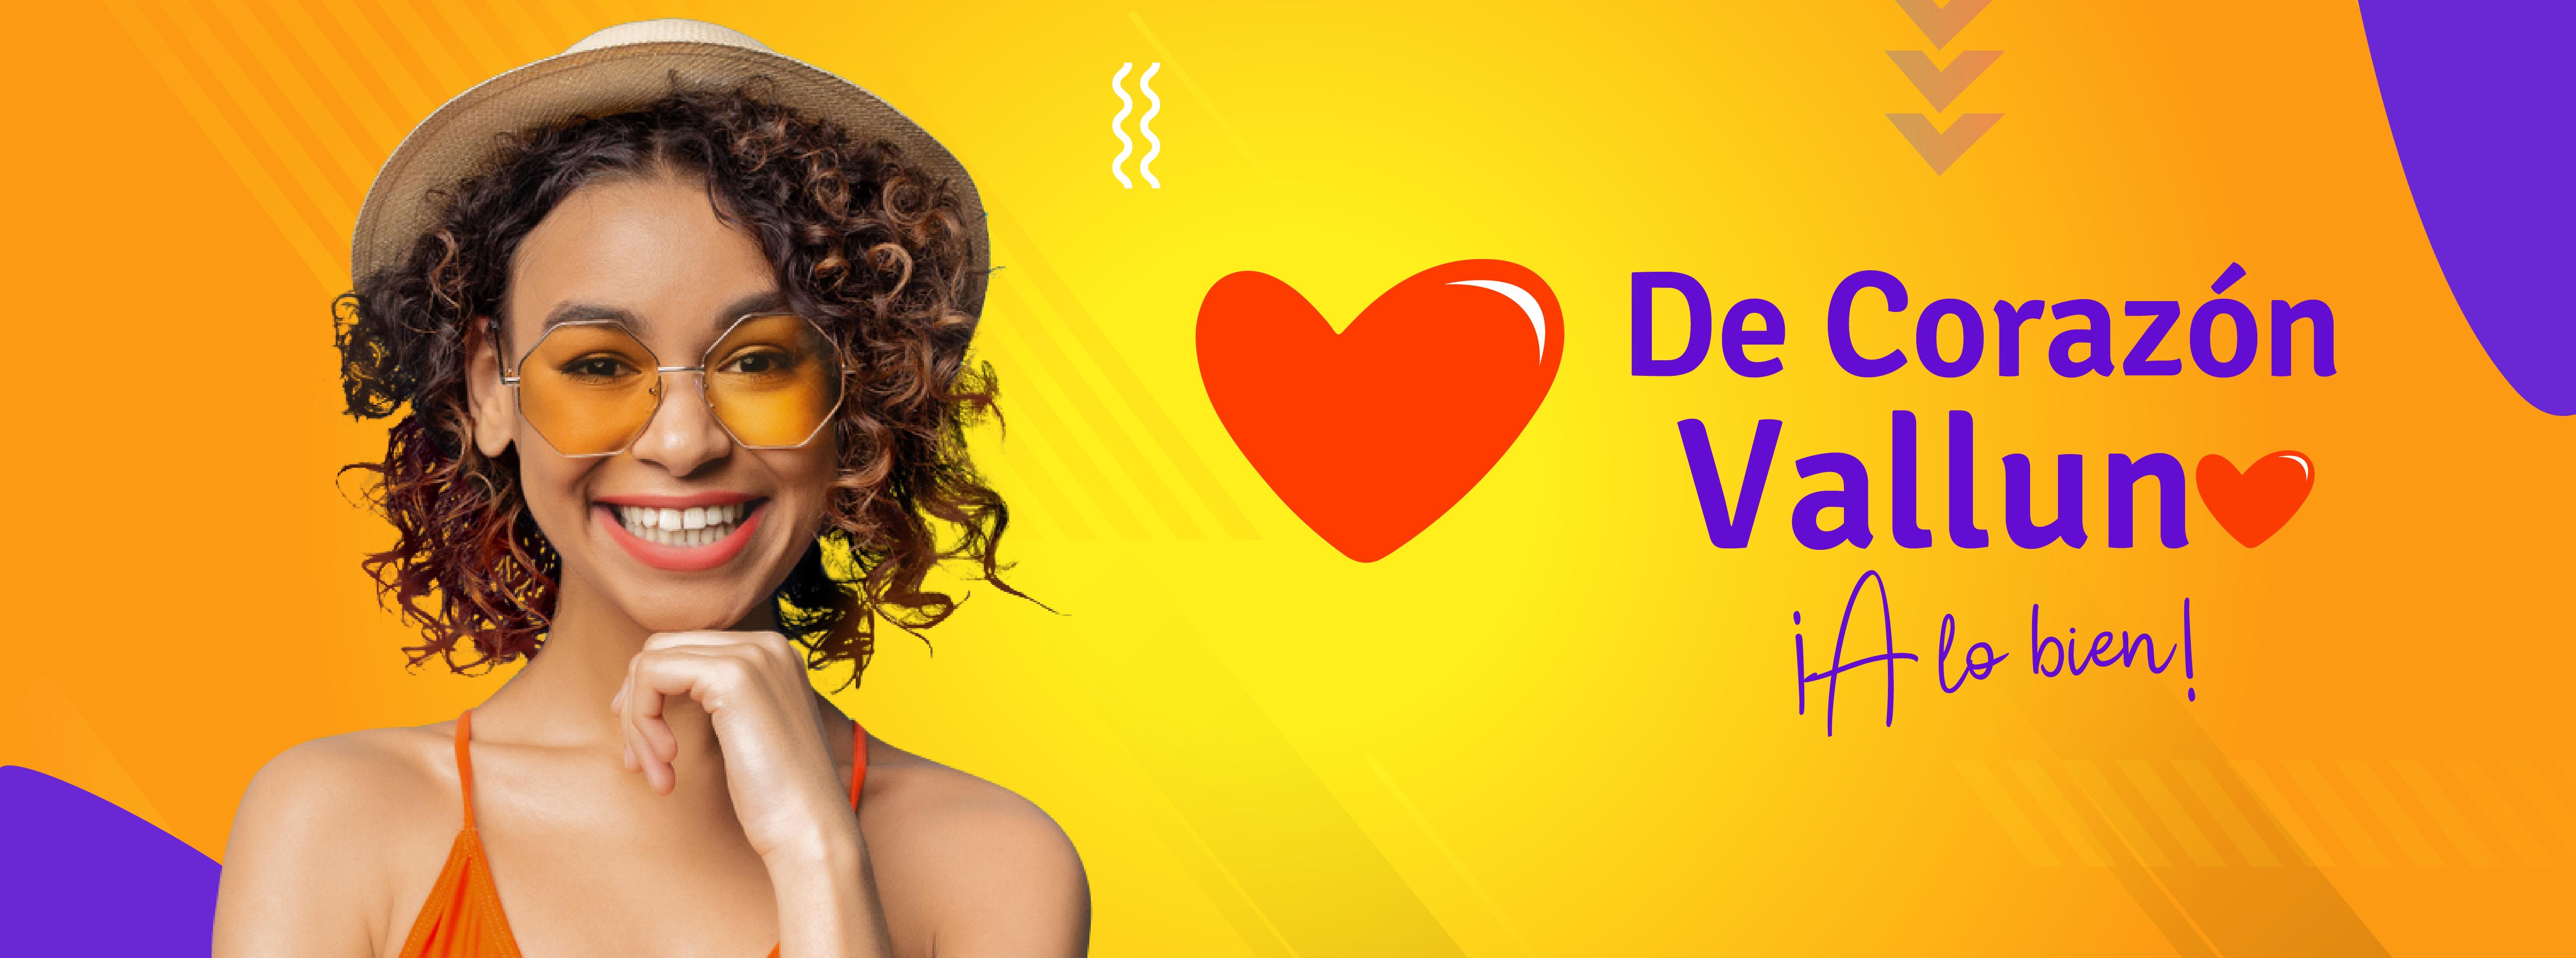 De-corazón-valluno-cali-estrategia-marketing-pagina-web-02